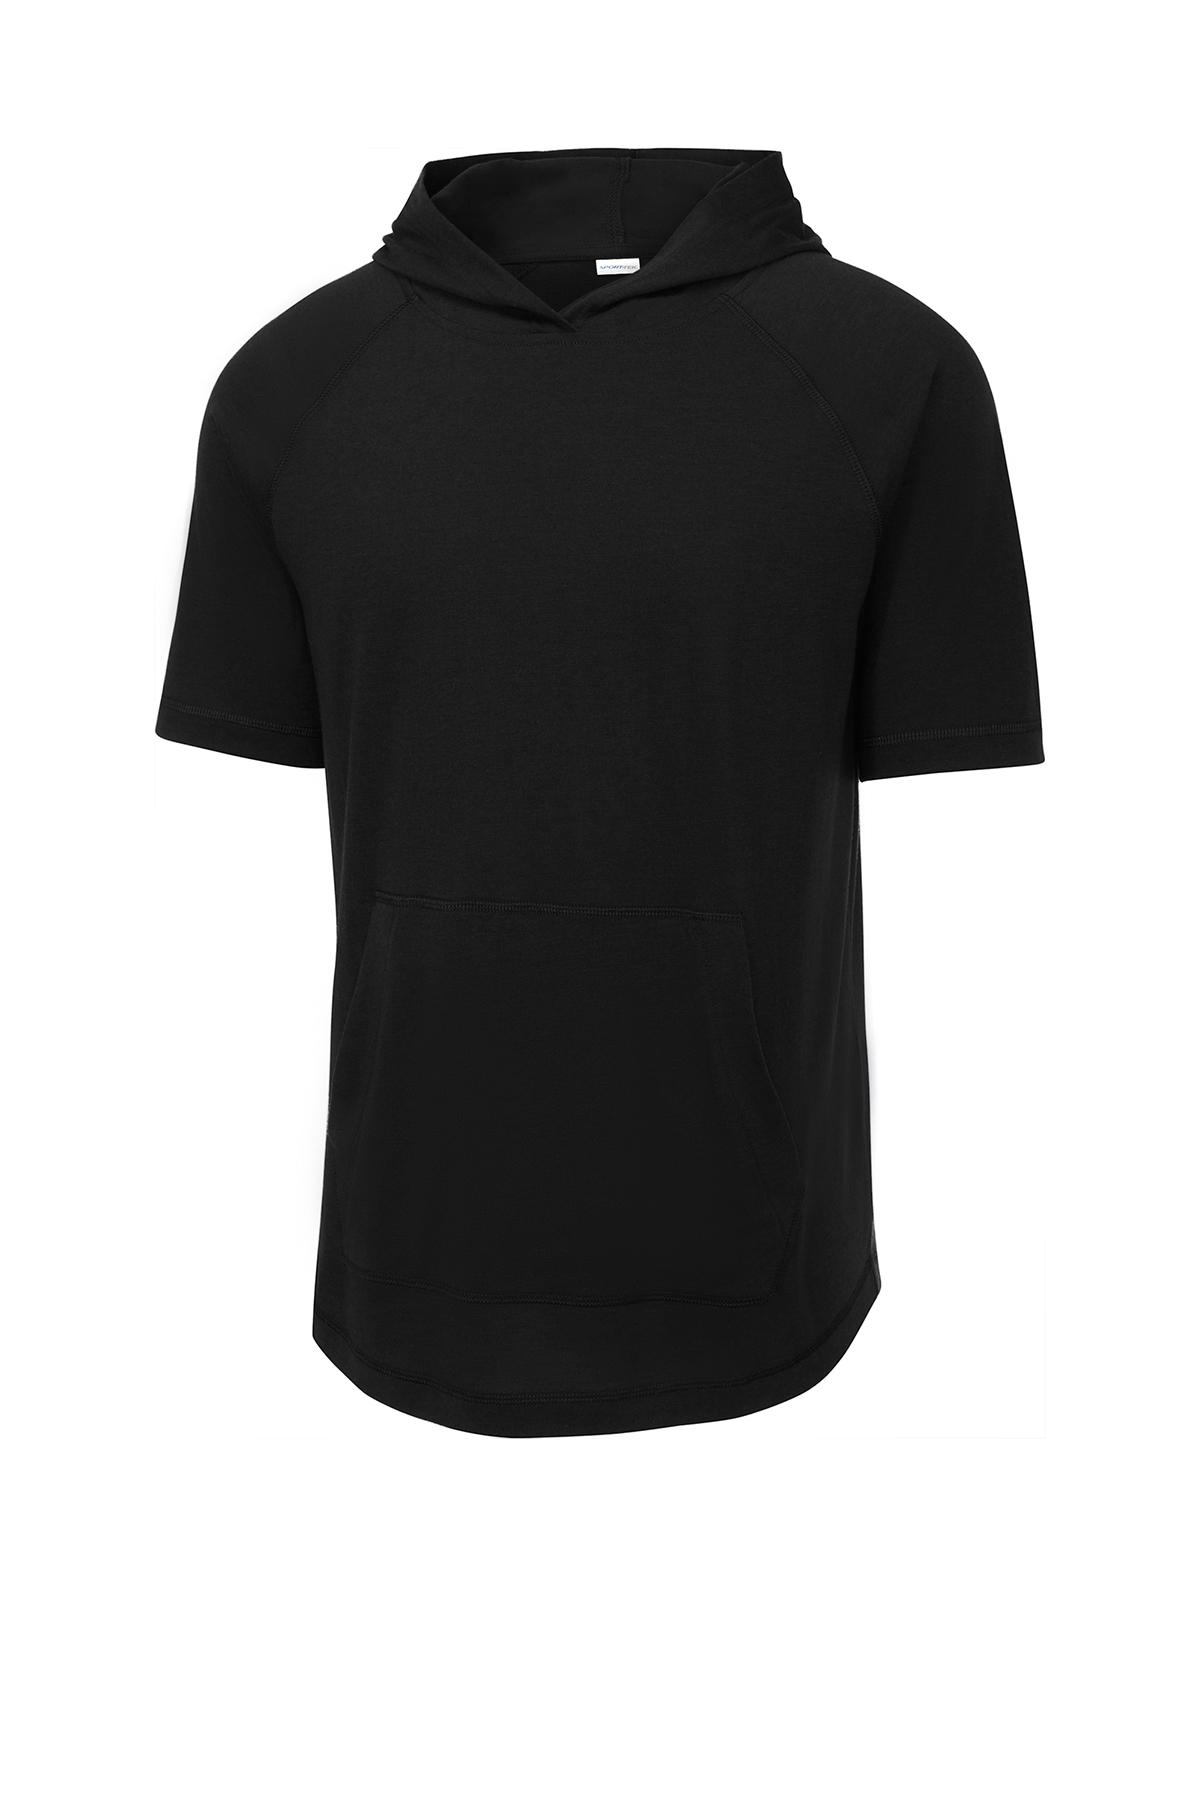 Sport-Tek ® ST404 - PosiCharge ® Tri-Blend Wicking Short Sleeve Hoodie